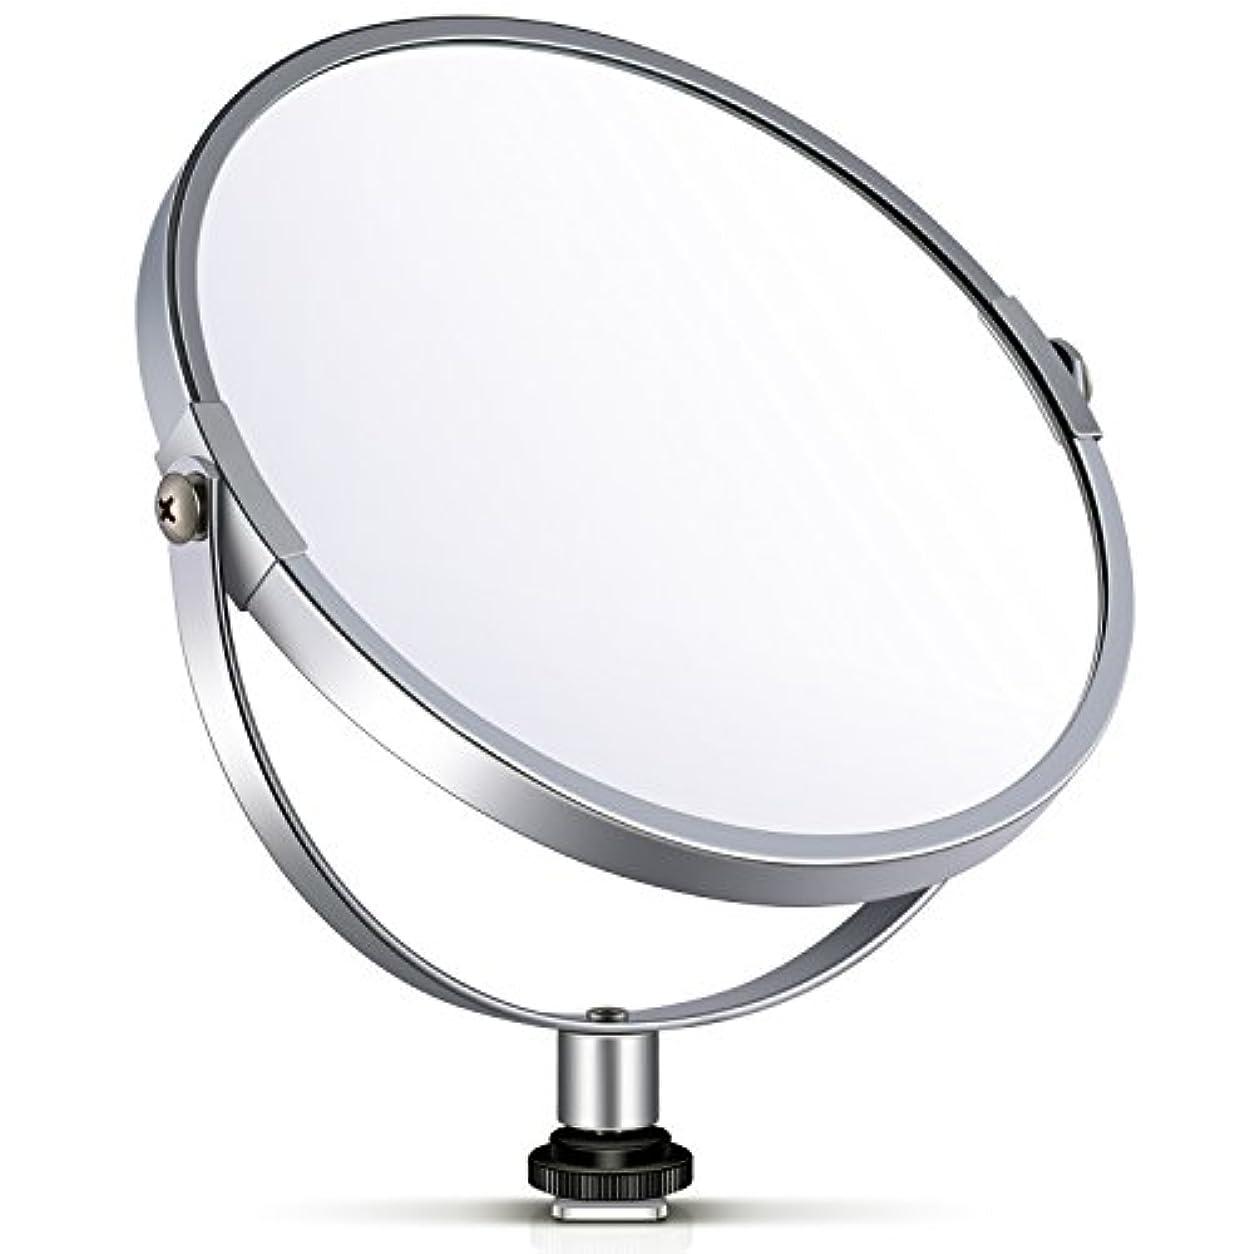 成り立つ大理石燃やすNeewer 両面鏡 拡大鏡 化粧鏡 6 in/15.2 cm 円形 14 inのリングライト 自撮り 化粧 ポートレート用アダプタ付